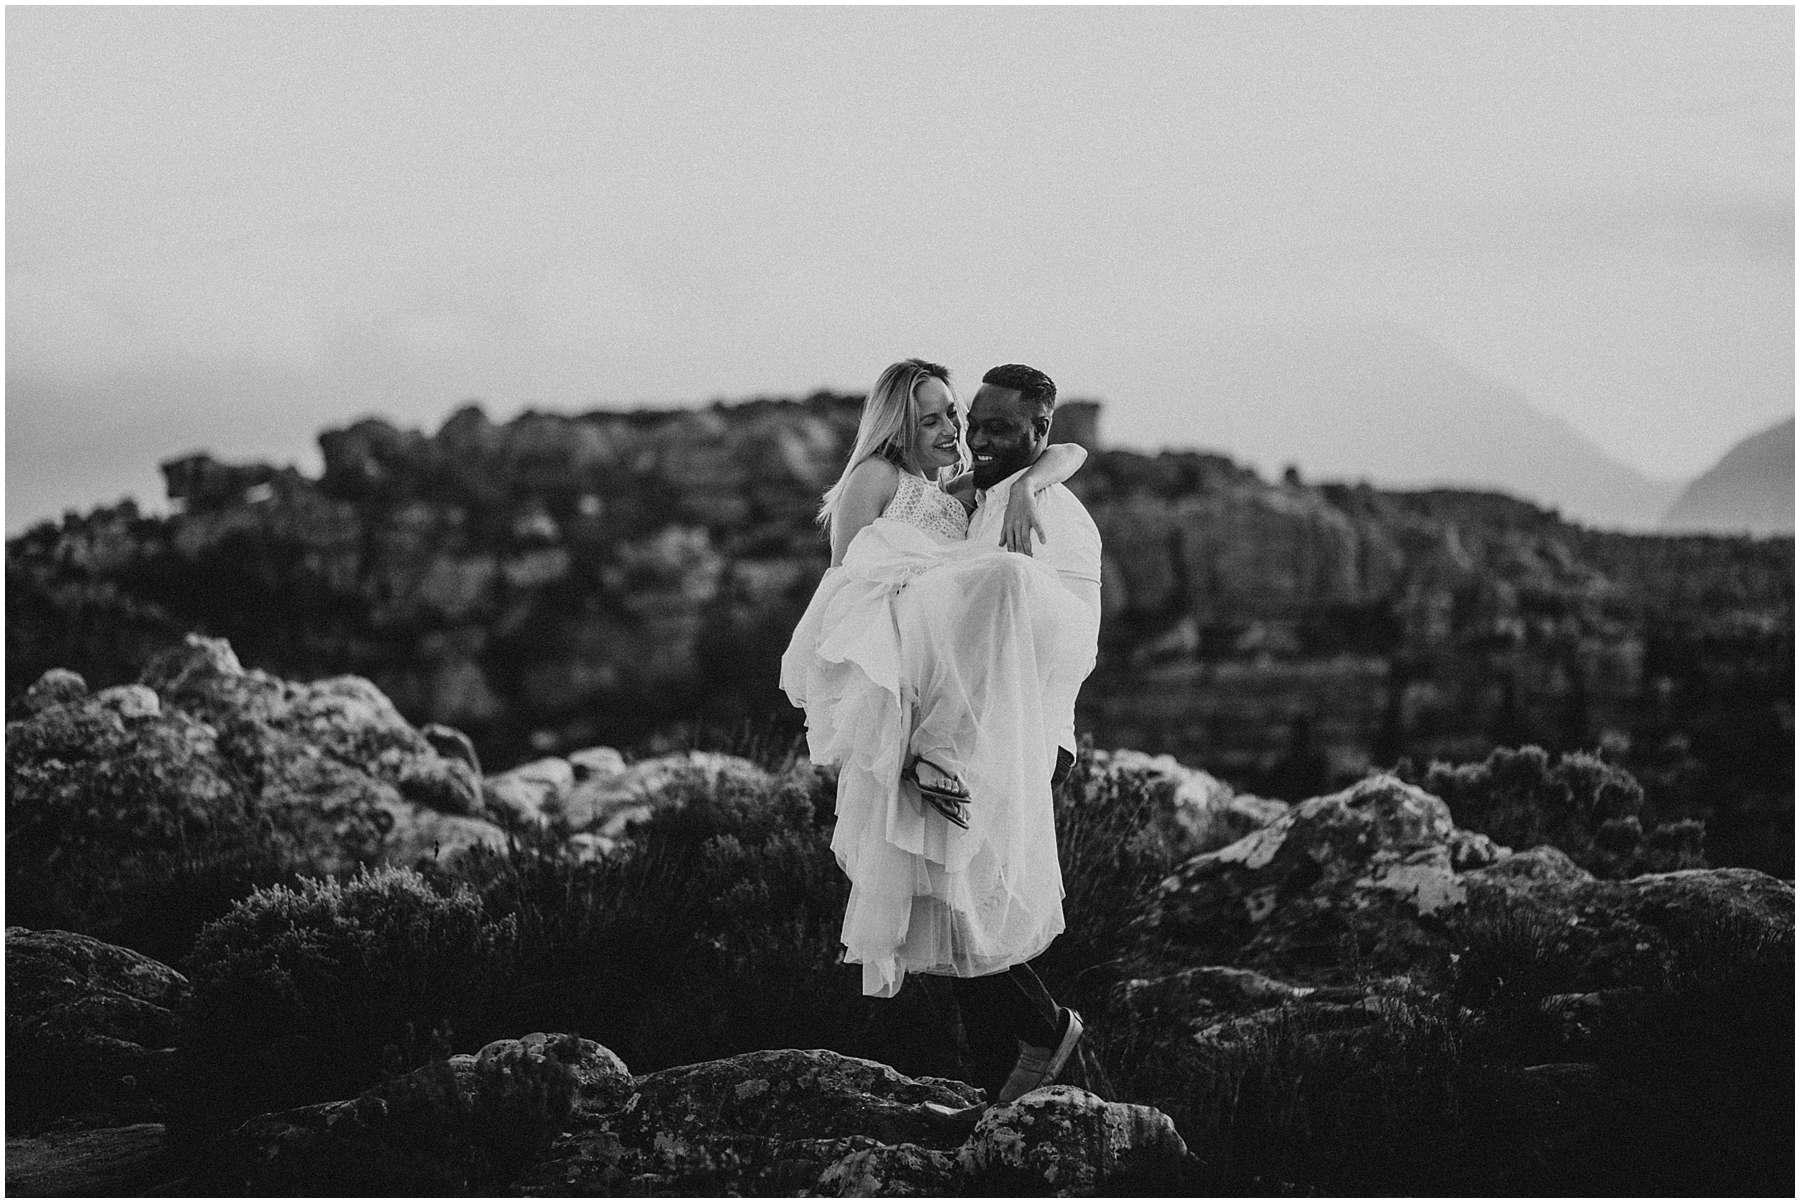 LOTTYH-South-Africa-Elopement-Photographer_0040.jpg